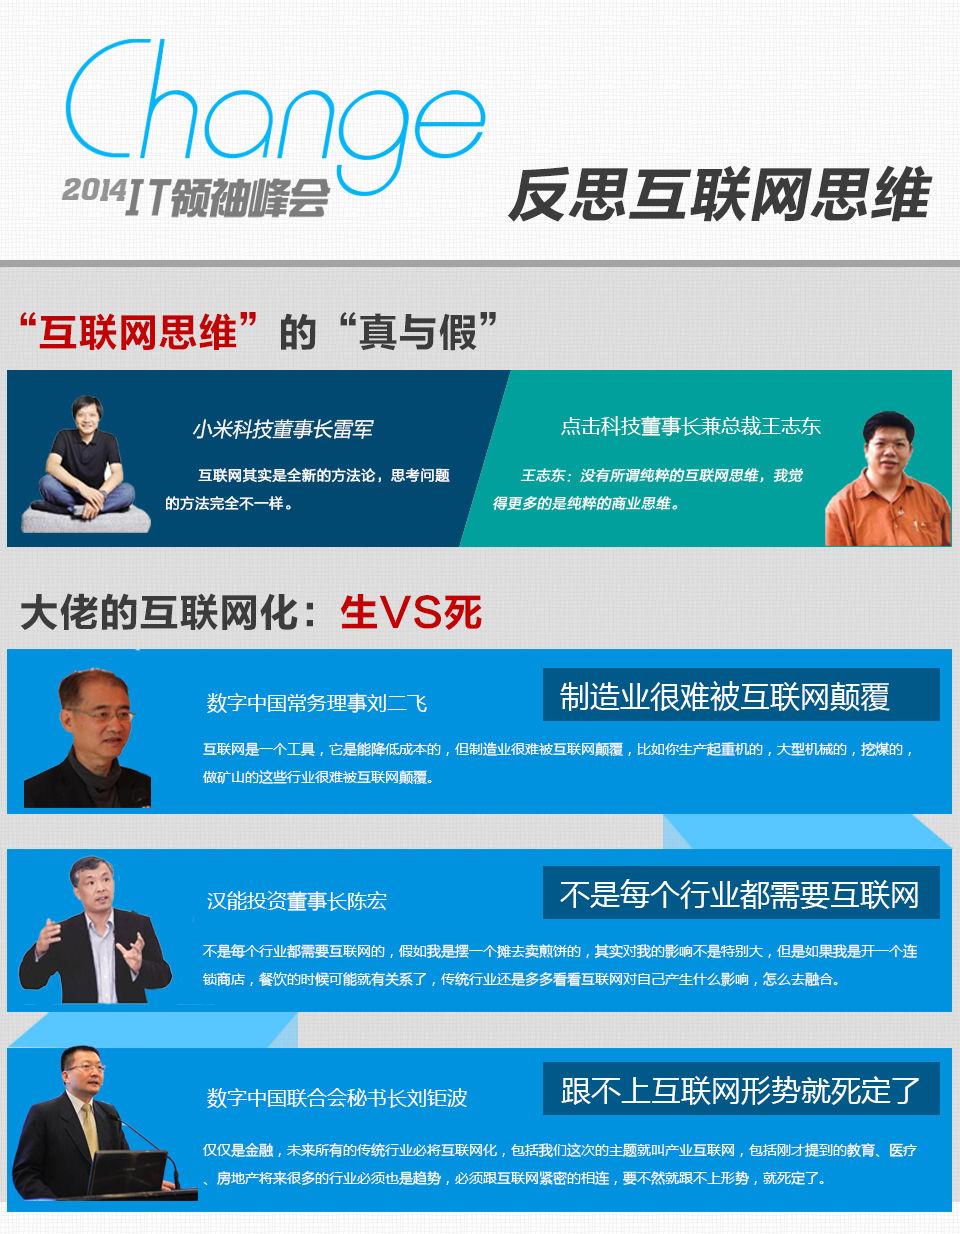 2014年IT领袖峰会